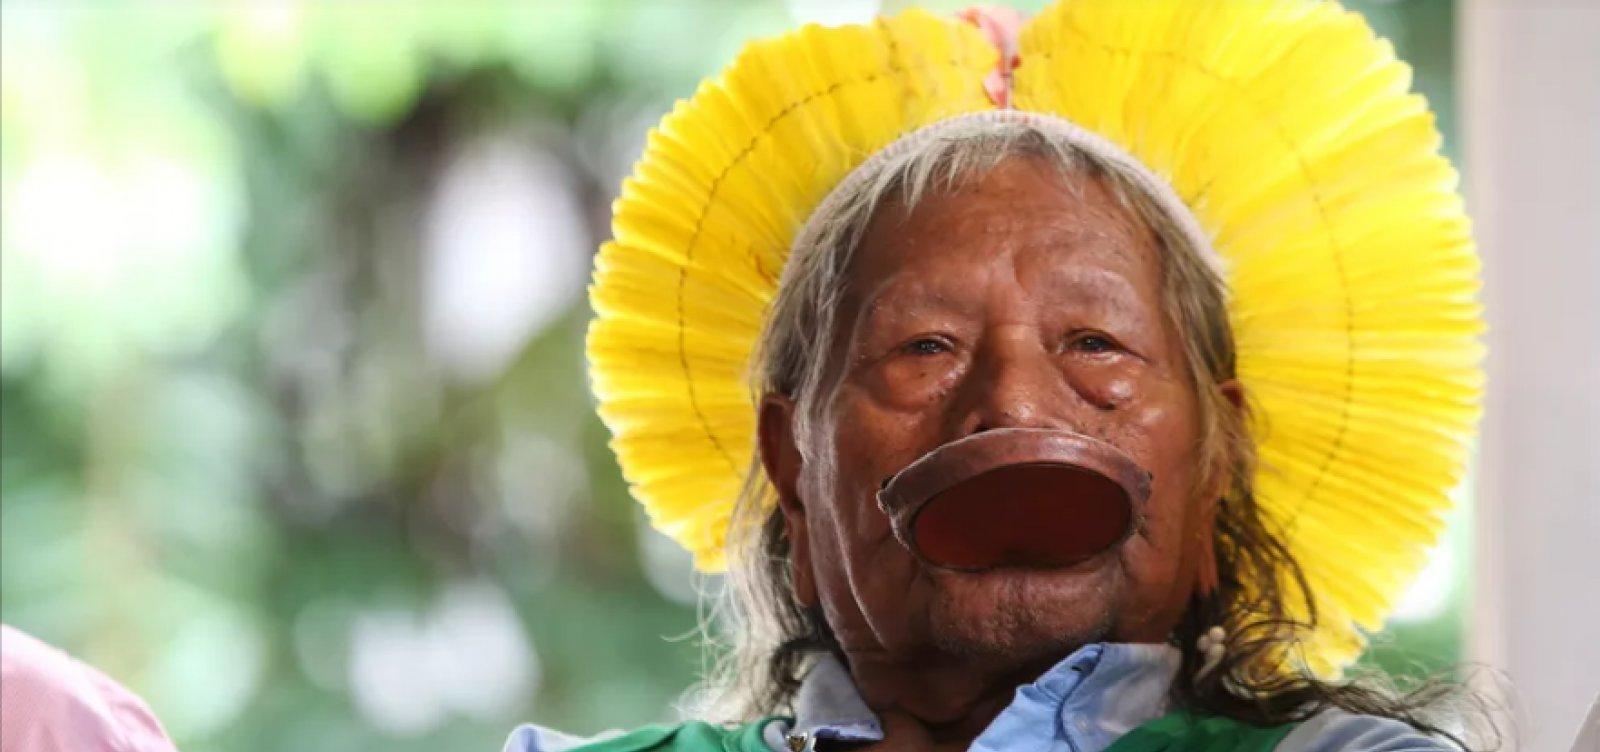 [Caciques denunciam Bolsonaro no Tribunal de Haia por crimes ambientais]